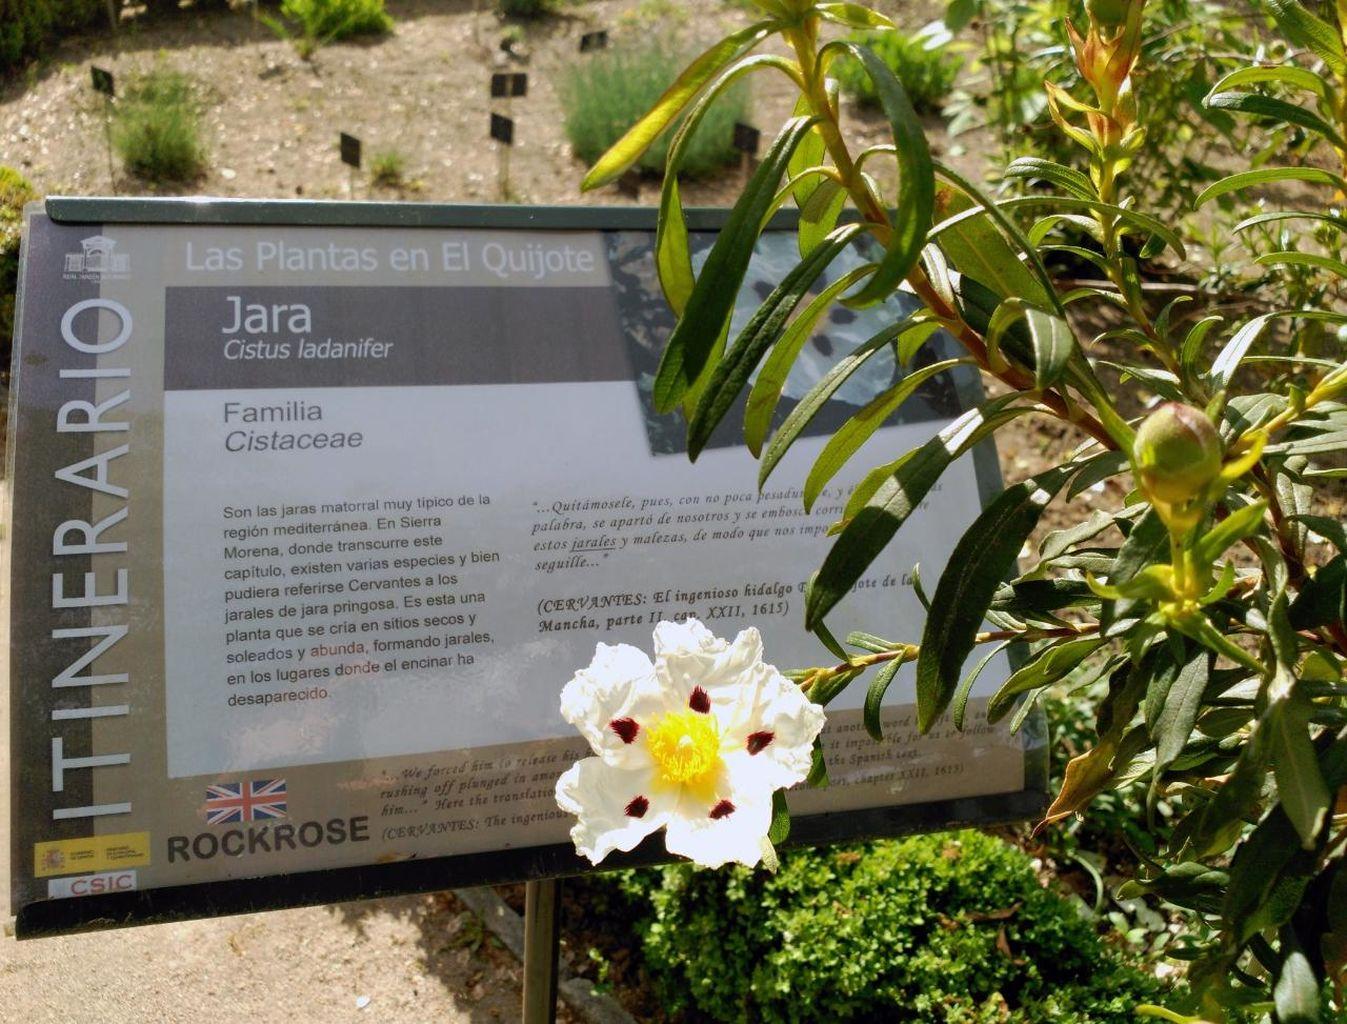 Plantas del Quijote en el Jardín Botánico de Alcalá de Henares